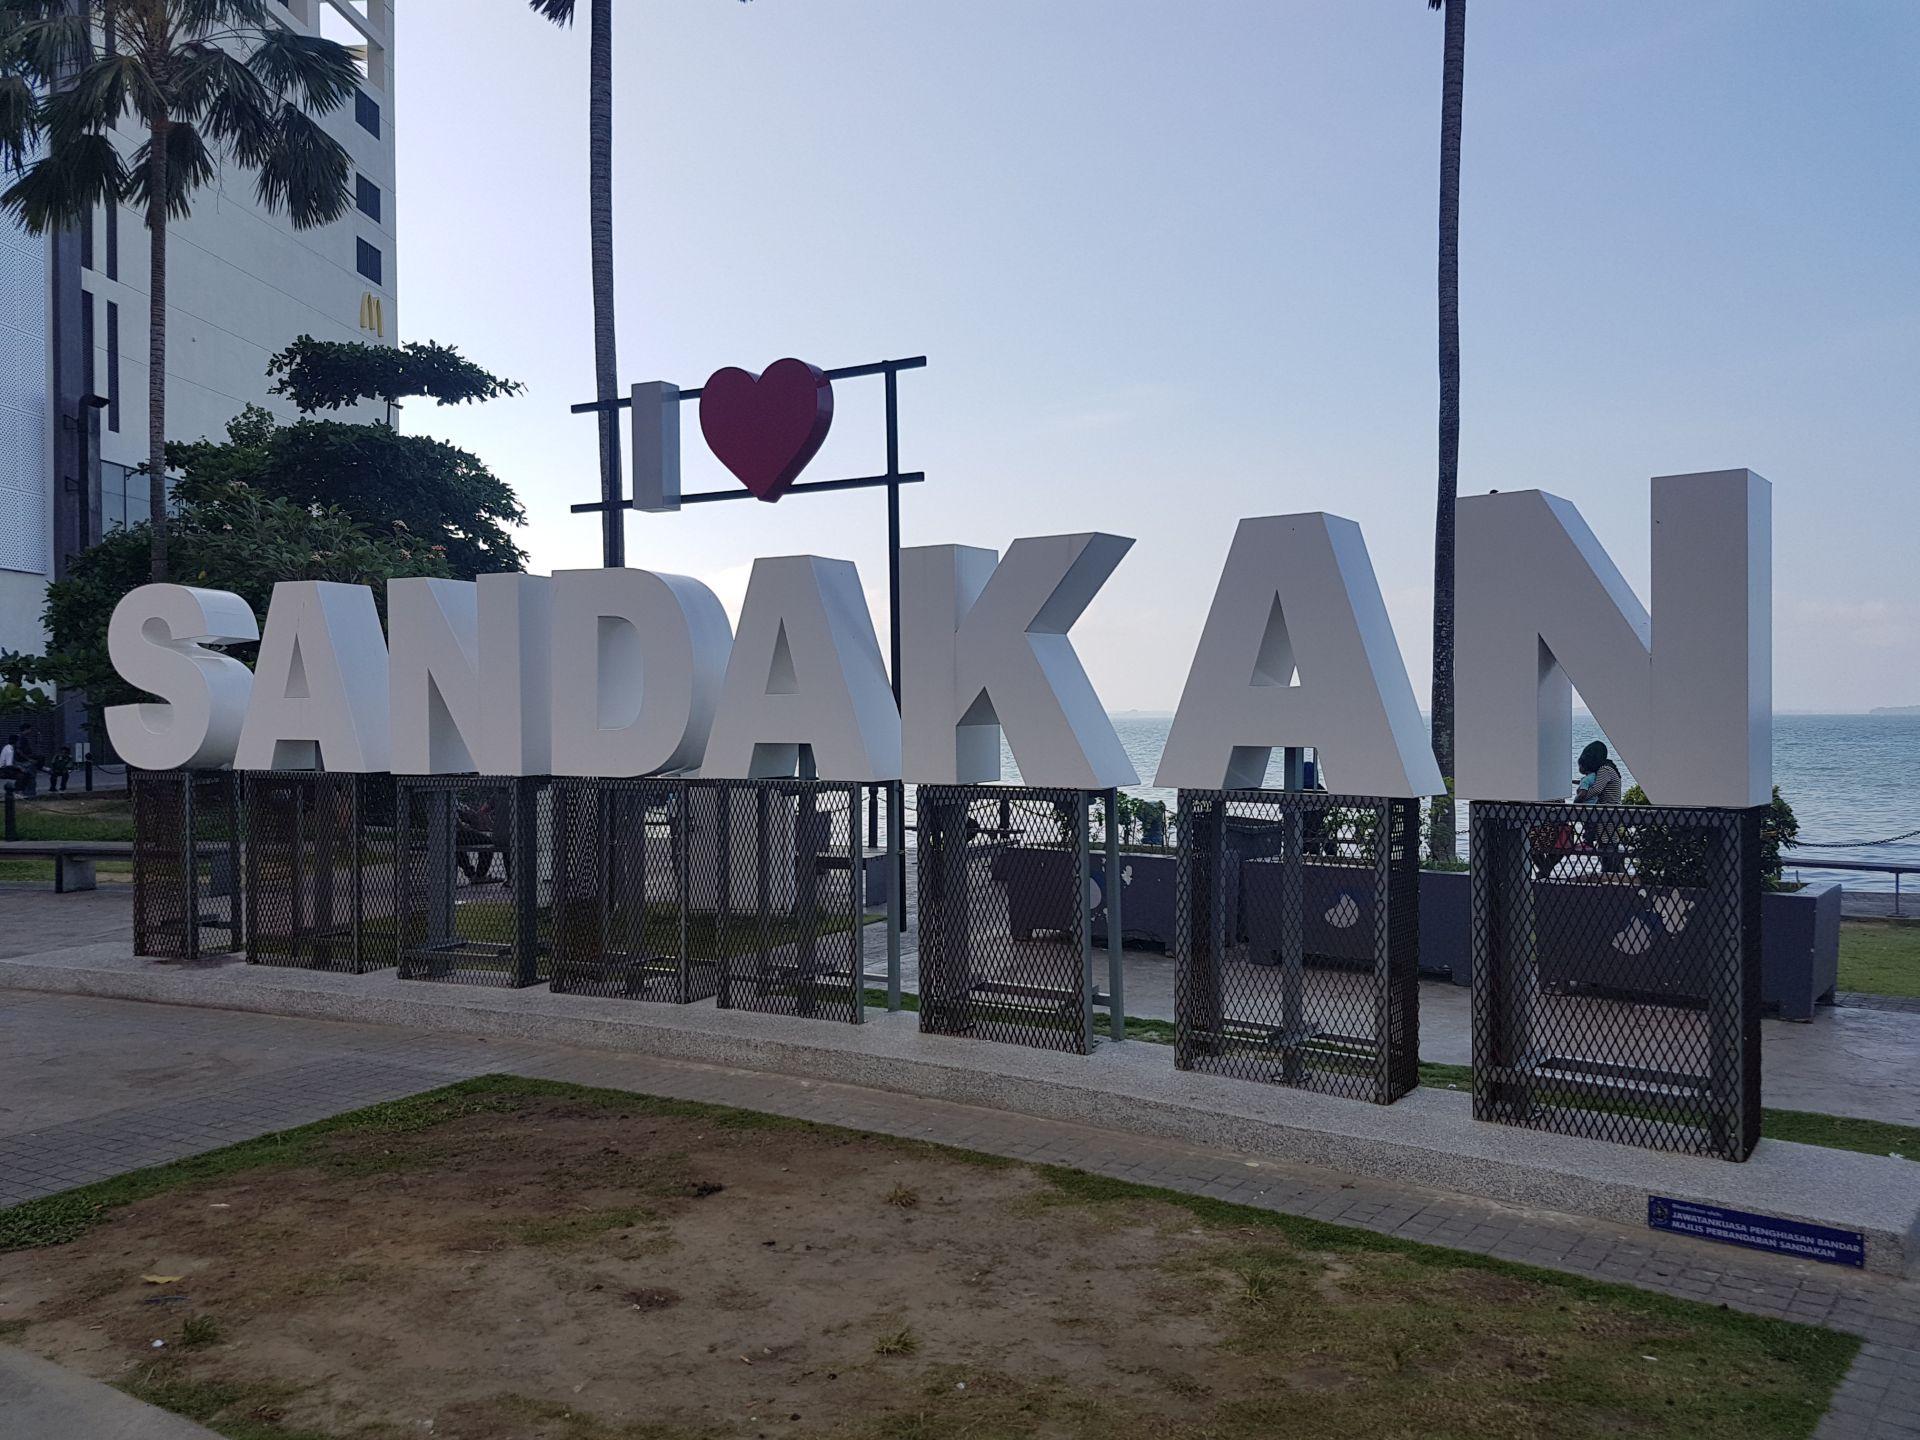 Сандакан